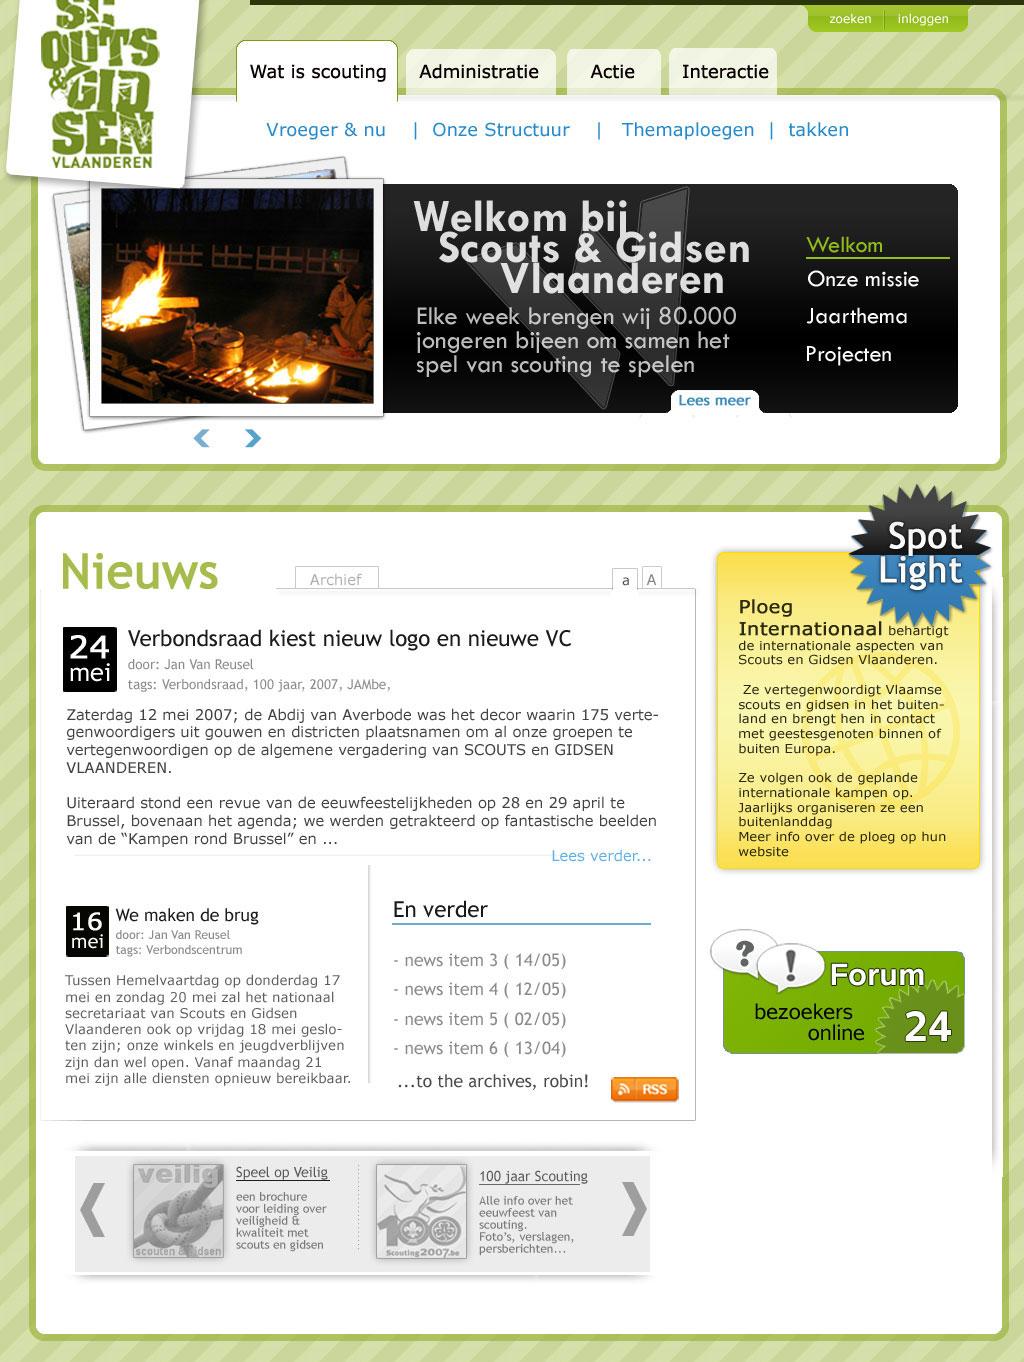 internetoverleg:ontwikkeling:besite:v.0.0.4.jpg